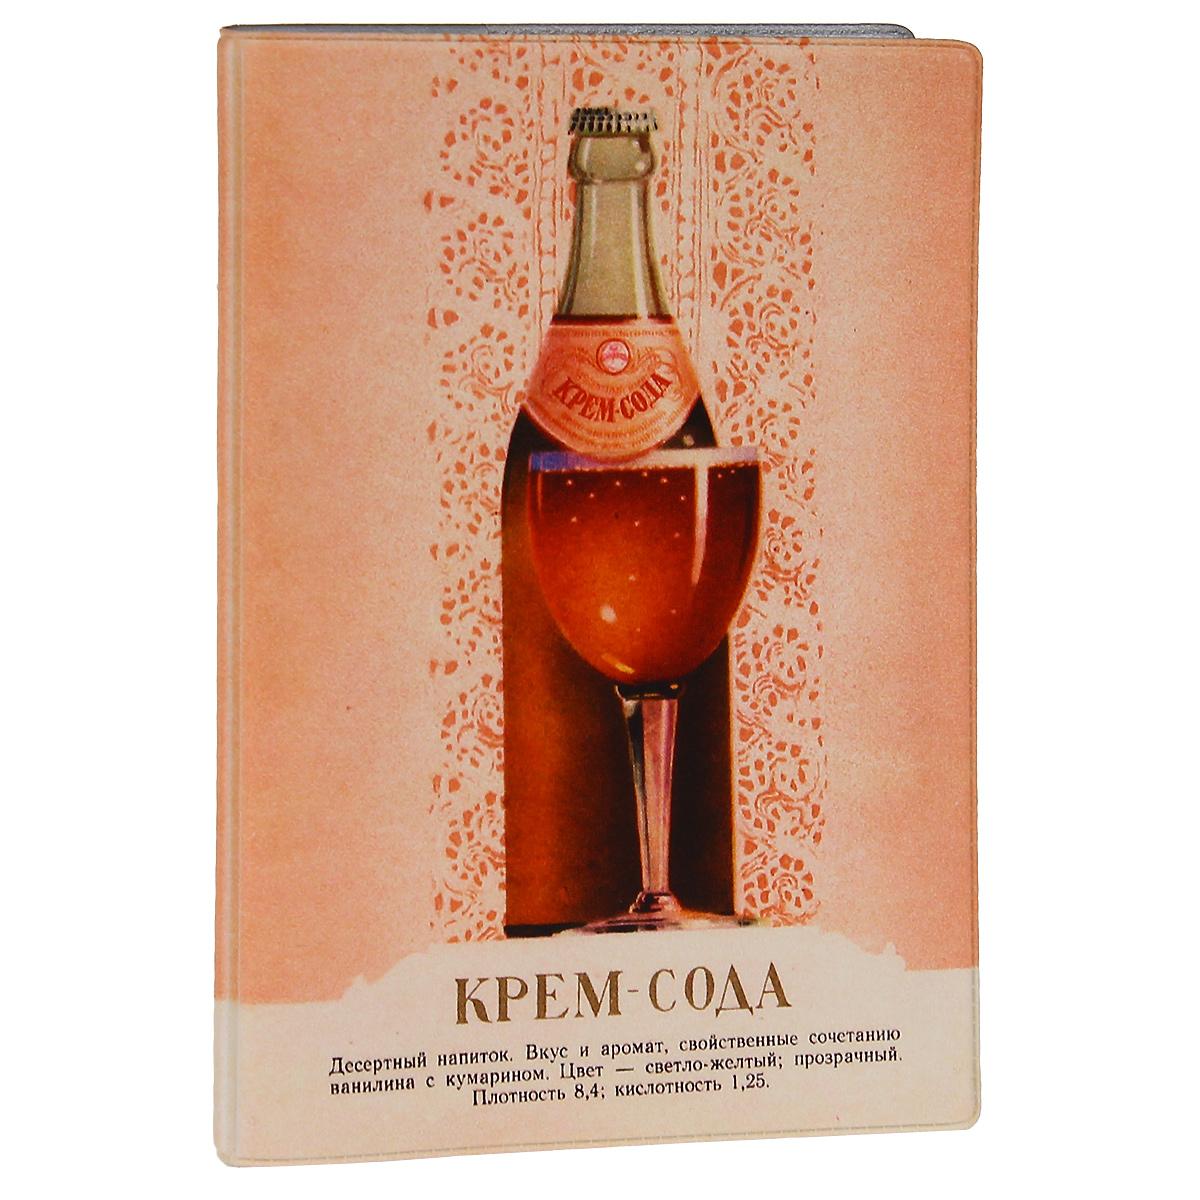 Обложка для паспорта Крем-сода. OZAM271OZAM271Обложка для паспорта Mitya Veselkov Крем-сода выполнена из прочного ПВХ и оформлена изображением бутылки Крем-сода и бокала с напитком. Такая обложка не только поможет сохранить внешний вид ваших документов и защитит их от повреждений, но и станет стильным аксессуаром, идеально подходящим вашему образу. Яркая и оригинальная обложка подчеркнет вашу индивидуальность и изысканный вкус. Обложка для паспорта стильного дизайна может быть достойным и оригинальным подарком.